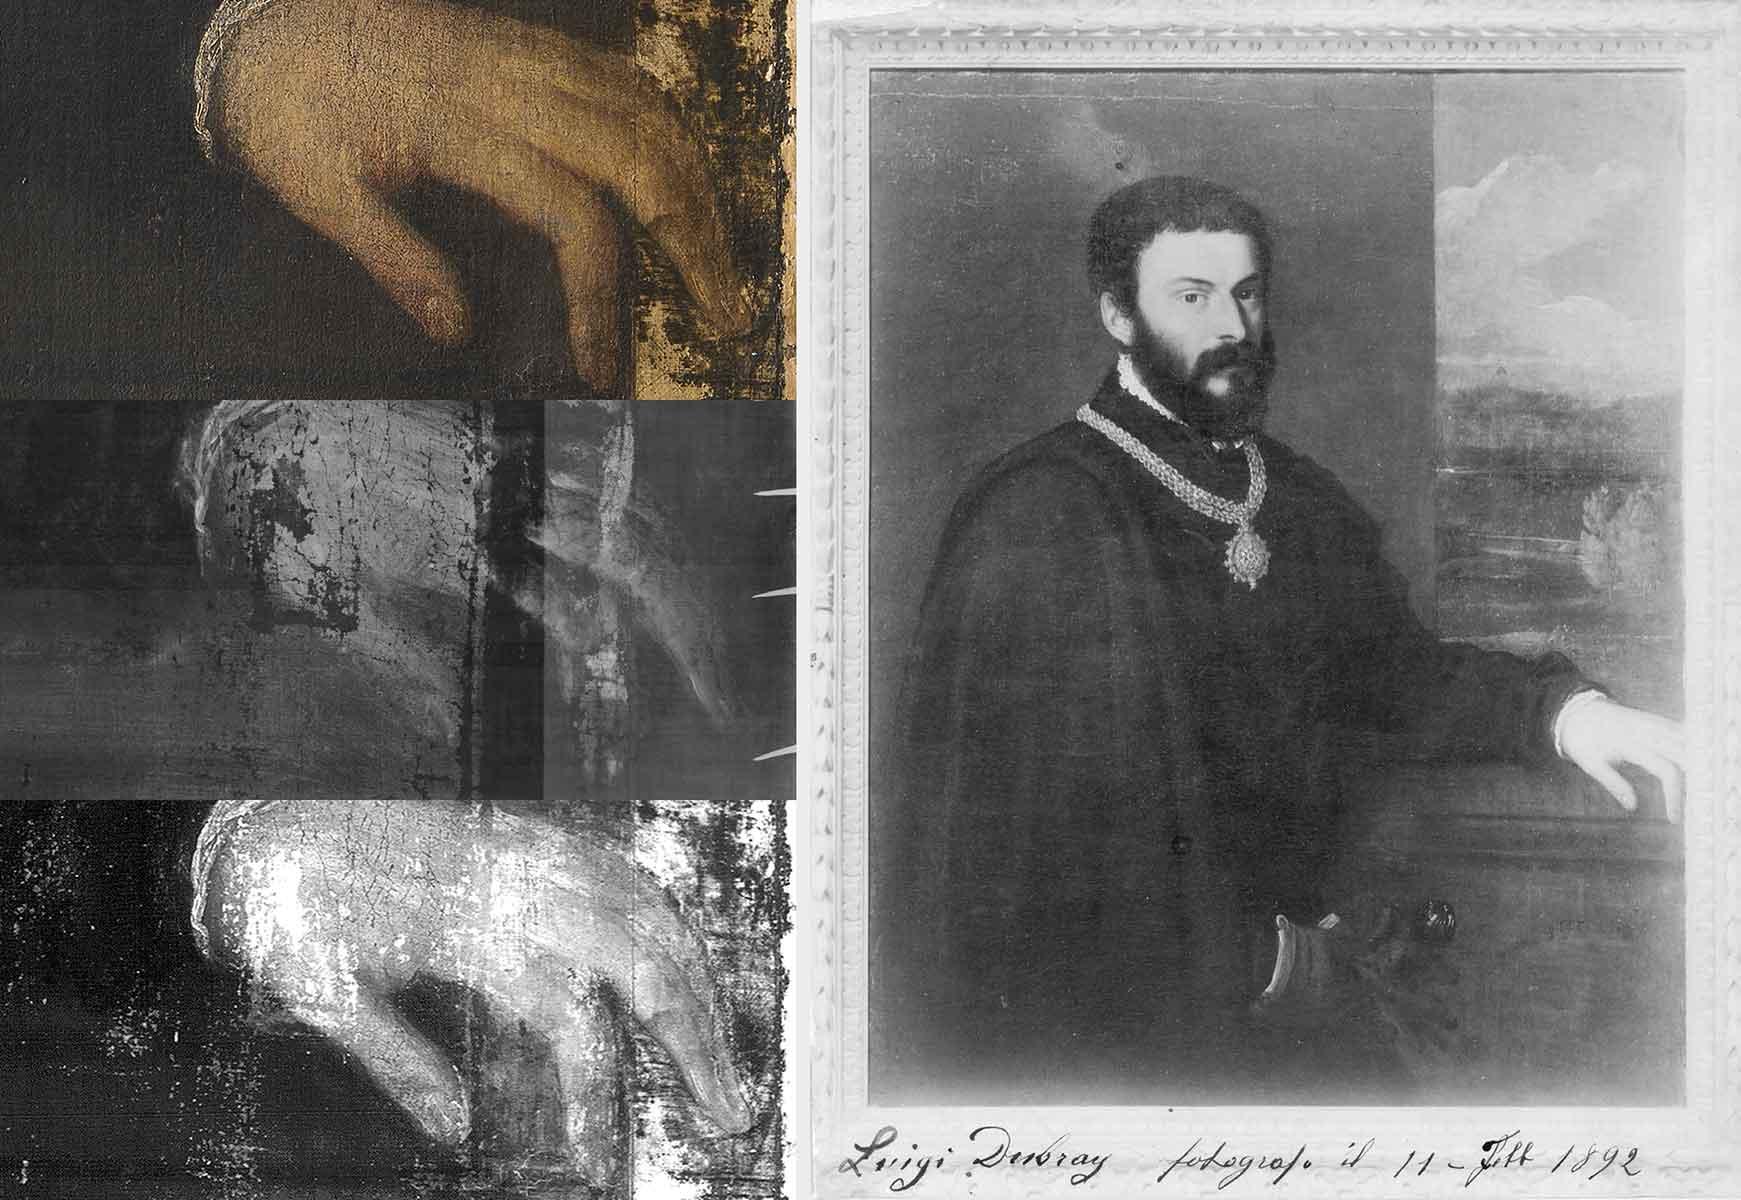 A sinistra, dettaglio della mano sinistra in luce visibile prima del restauro, RX e IRR (fig. 4). A destra, foto del dipinto dopo il restauro di Cavenaghi, realizzata nel 1892 da Luigi Dubray (fig. 5)